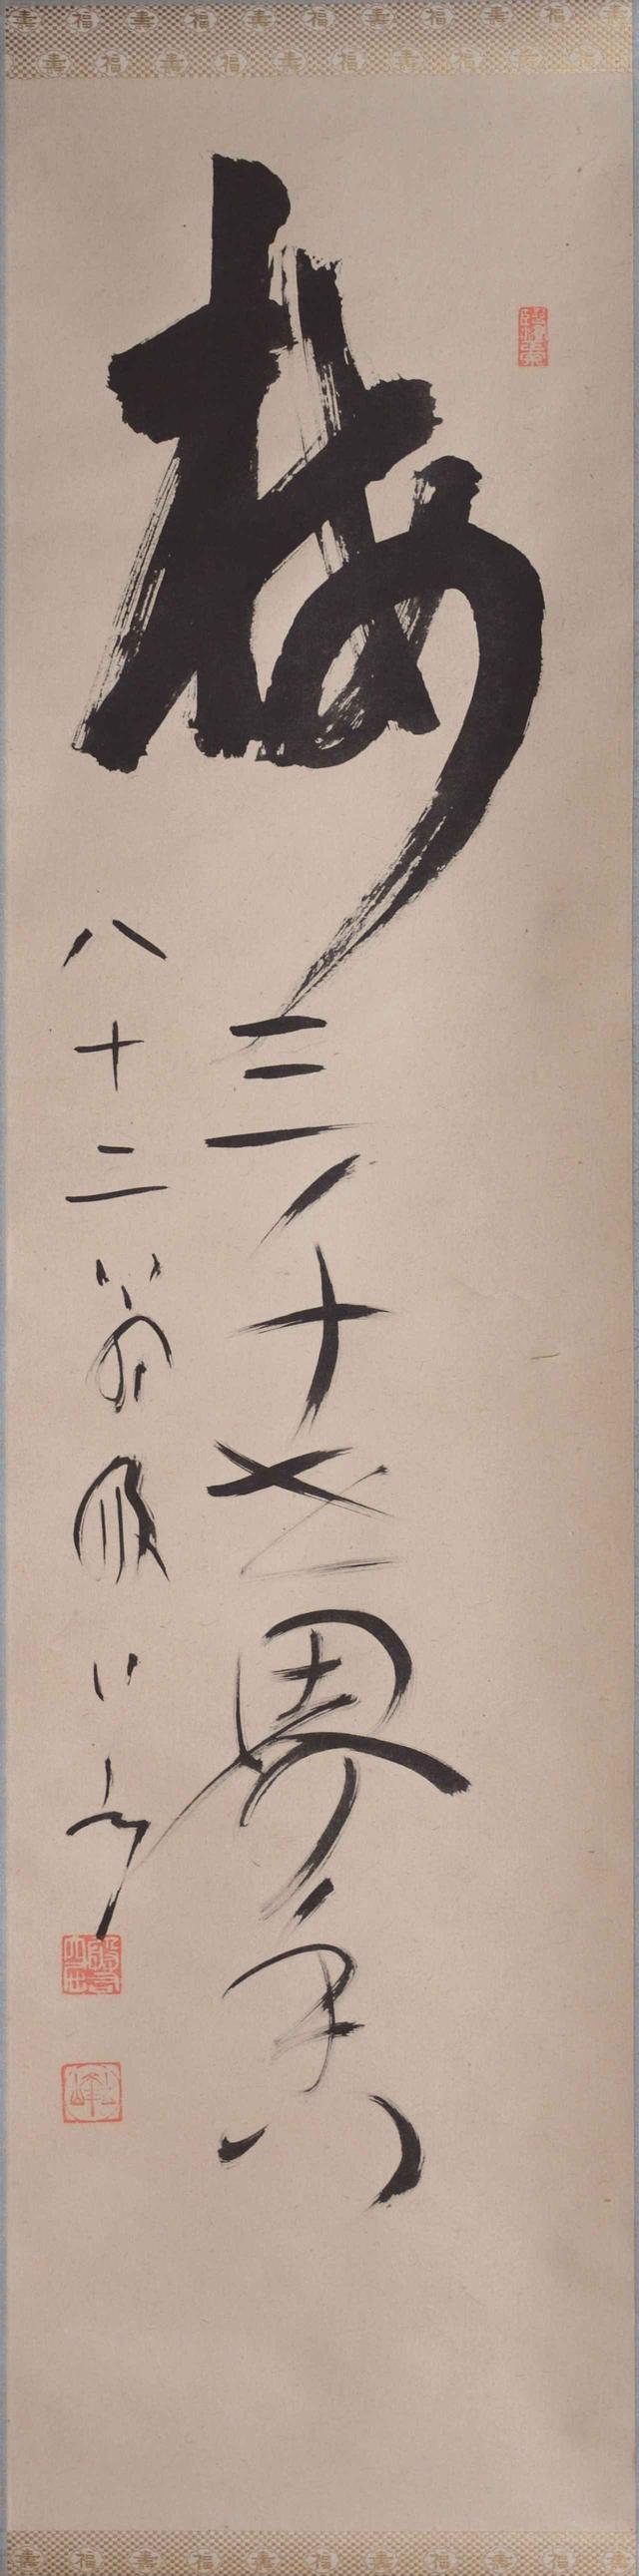 画像: (※)「梅 三千世界香」山本玄峰 書(全生庵所蔵)